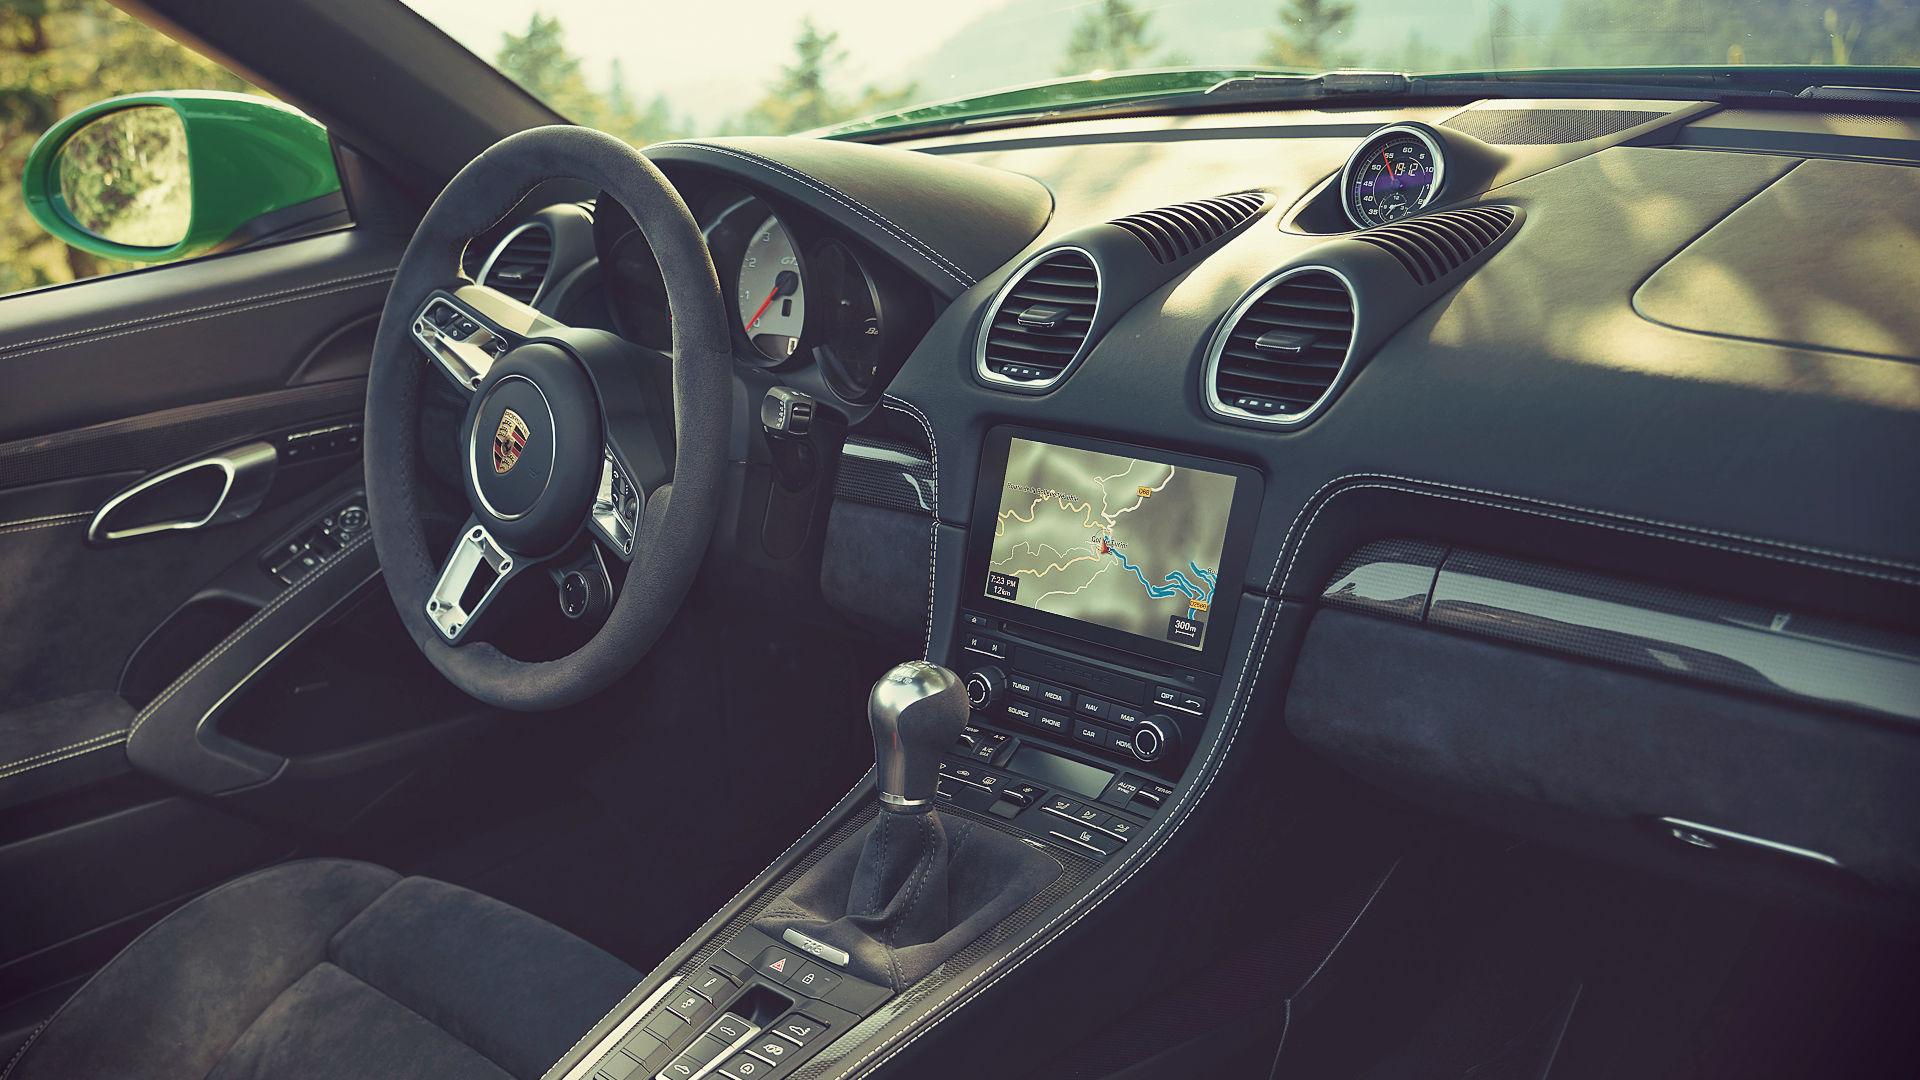 Porsche 718 Boxster Gts 4 0 2020 Interior